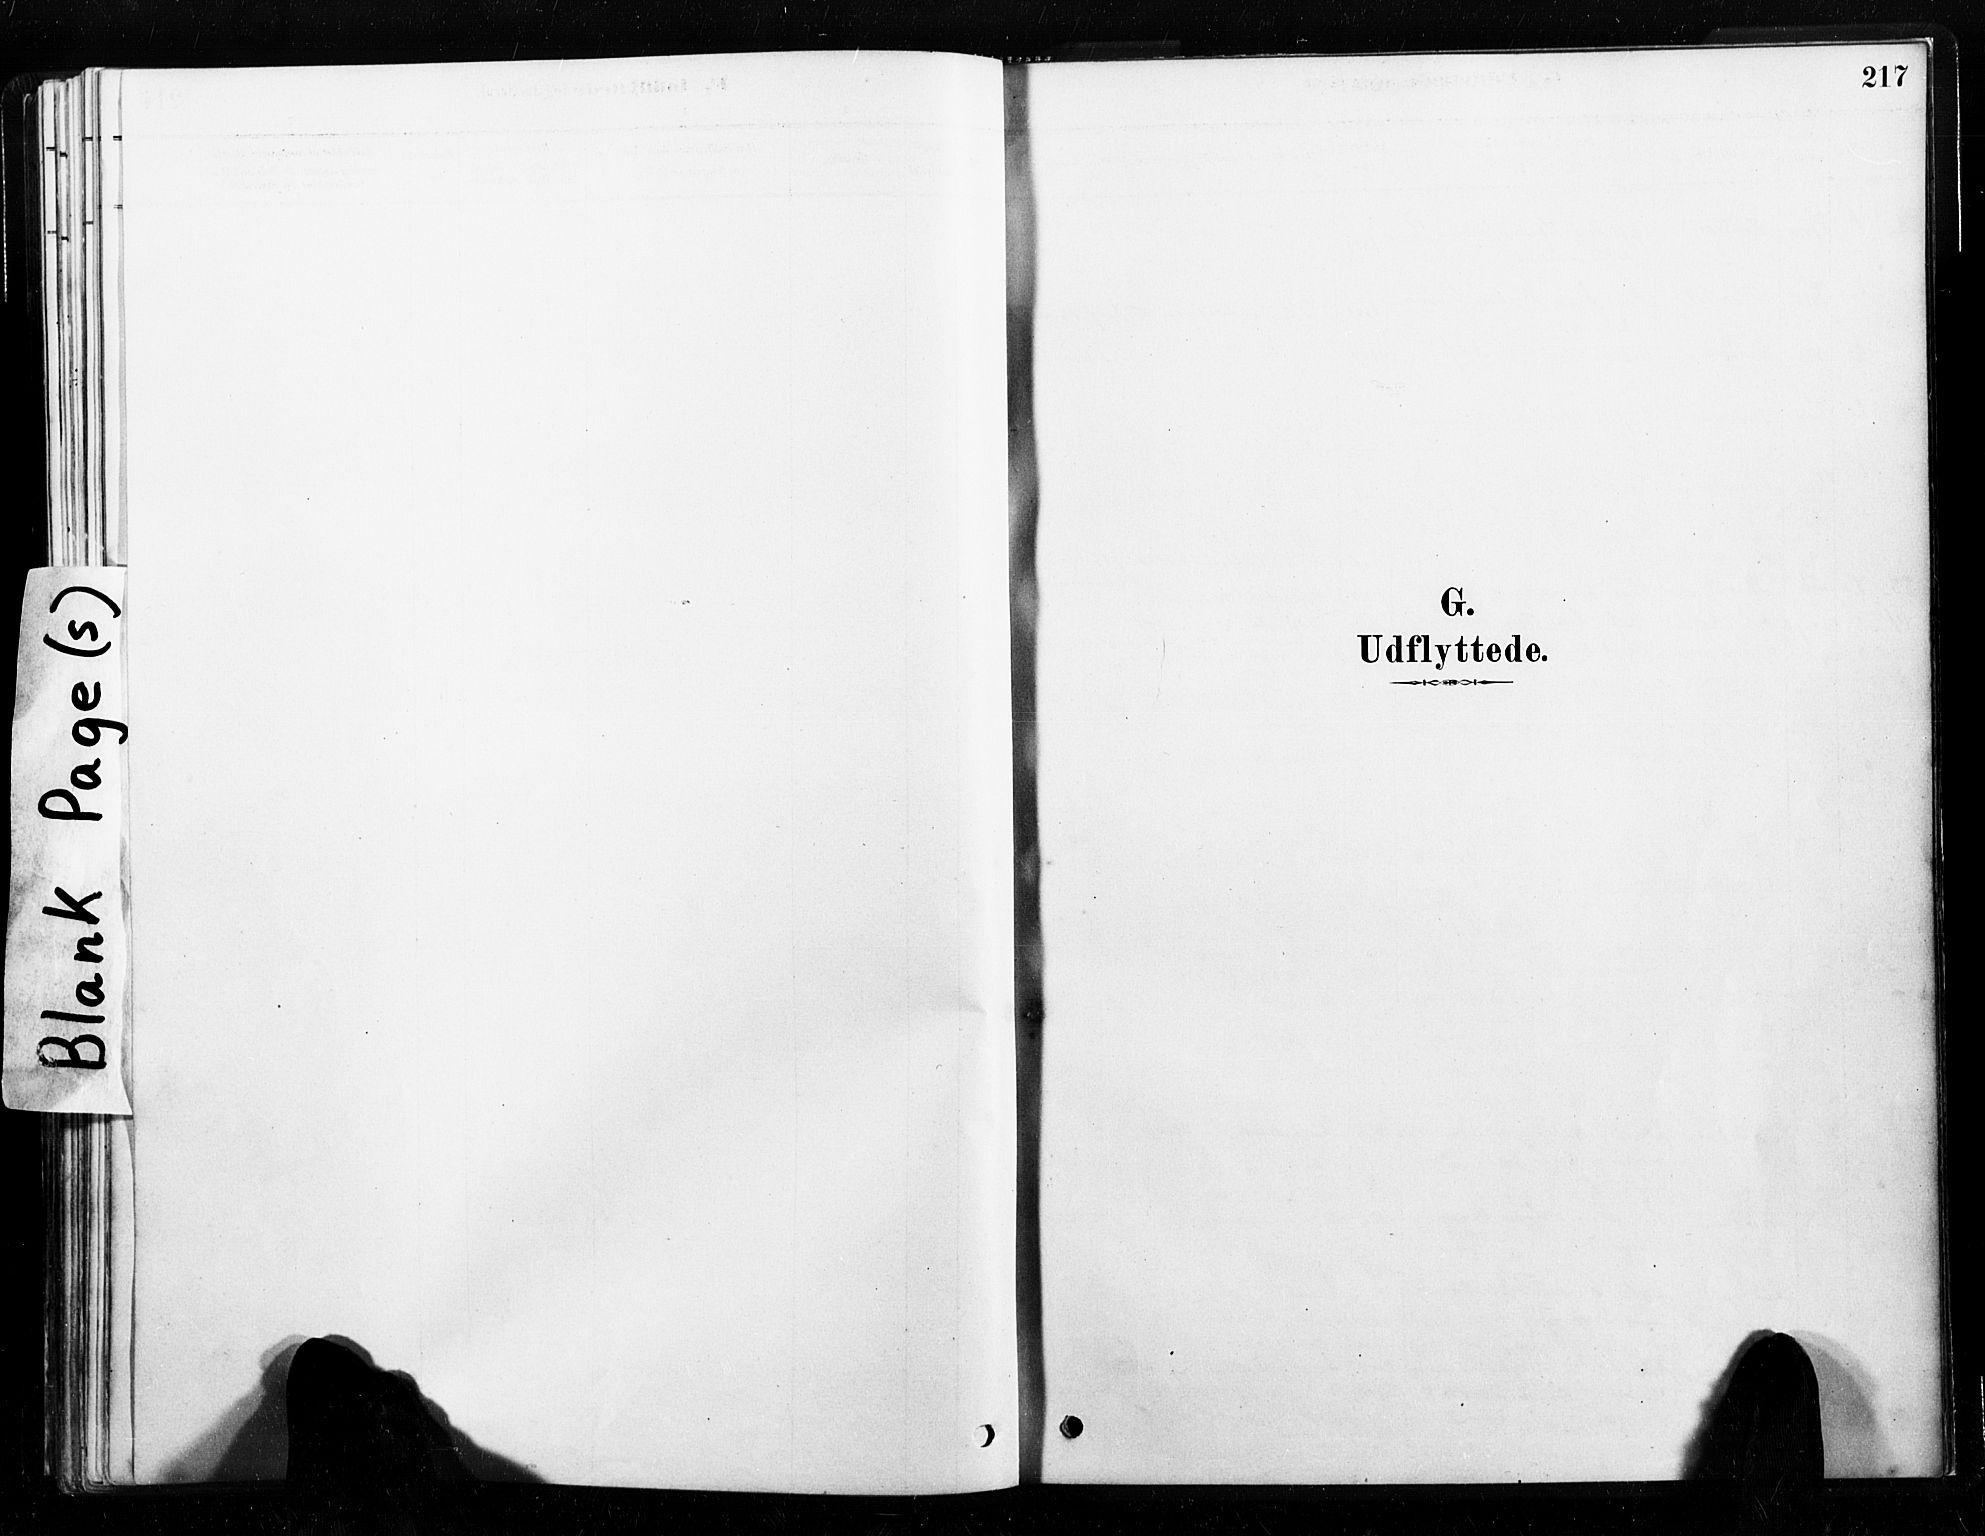 SAT, Ministerialprotokoller, klokkerbøker og fødselsregistre - Nord-Trøndelag, 789/L0705: Ministerialbok nr. 789A01, 1878-1910, s. 217